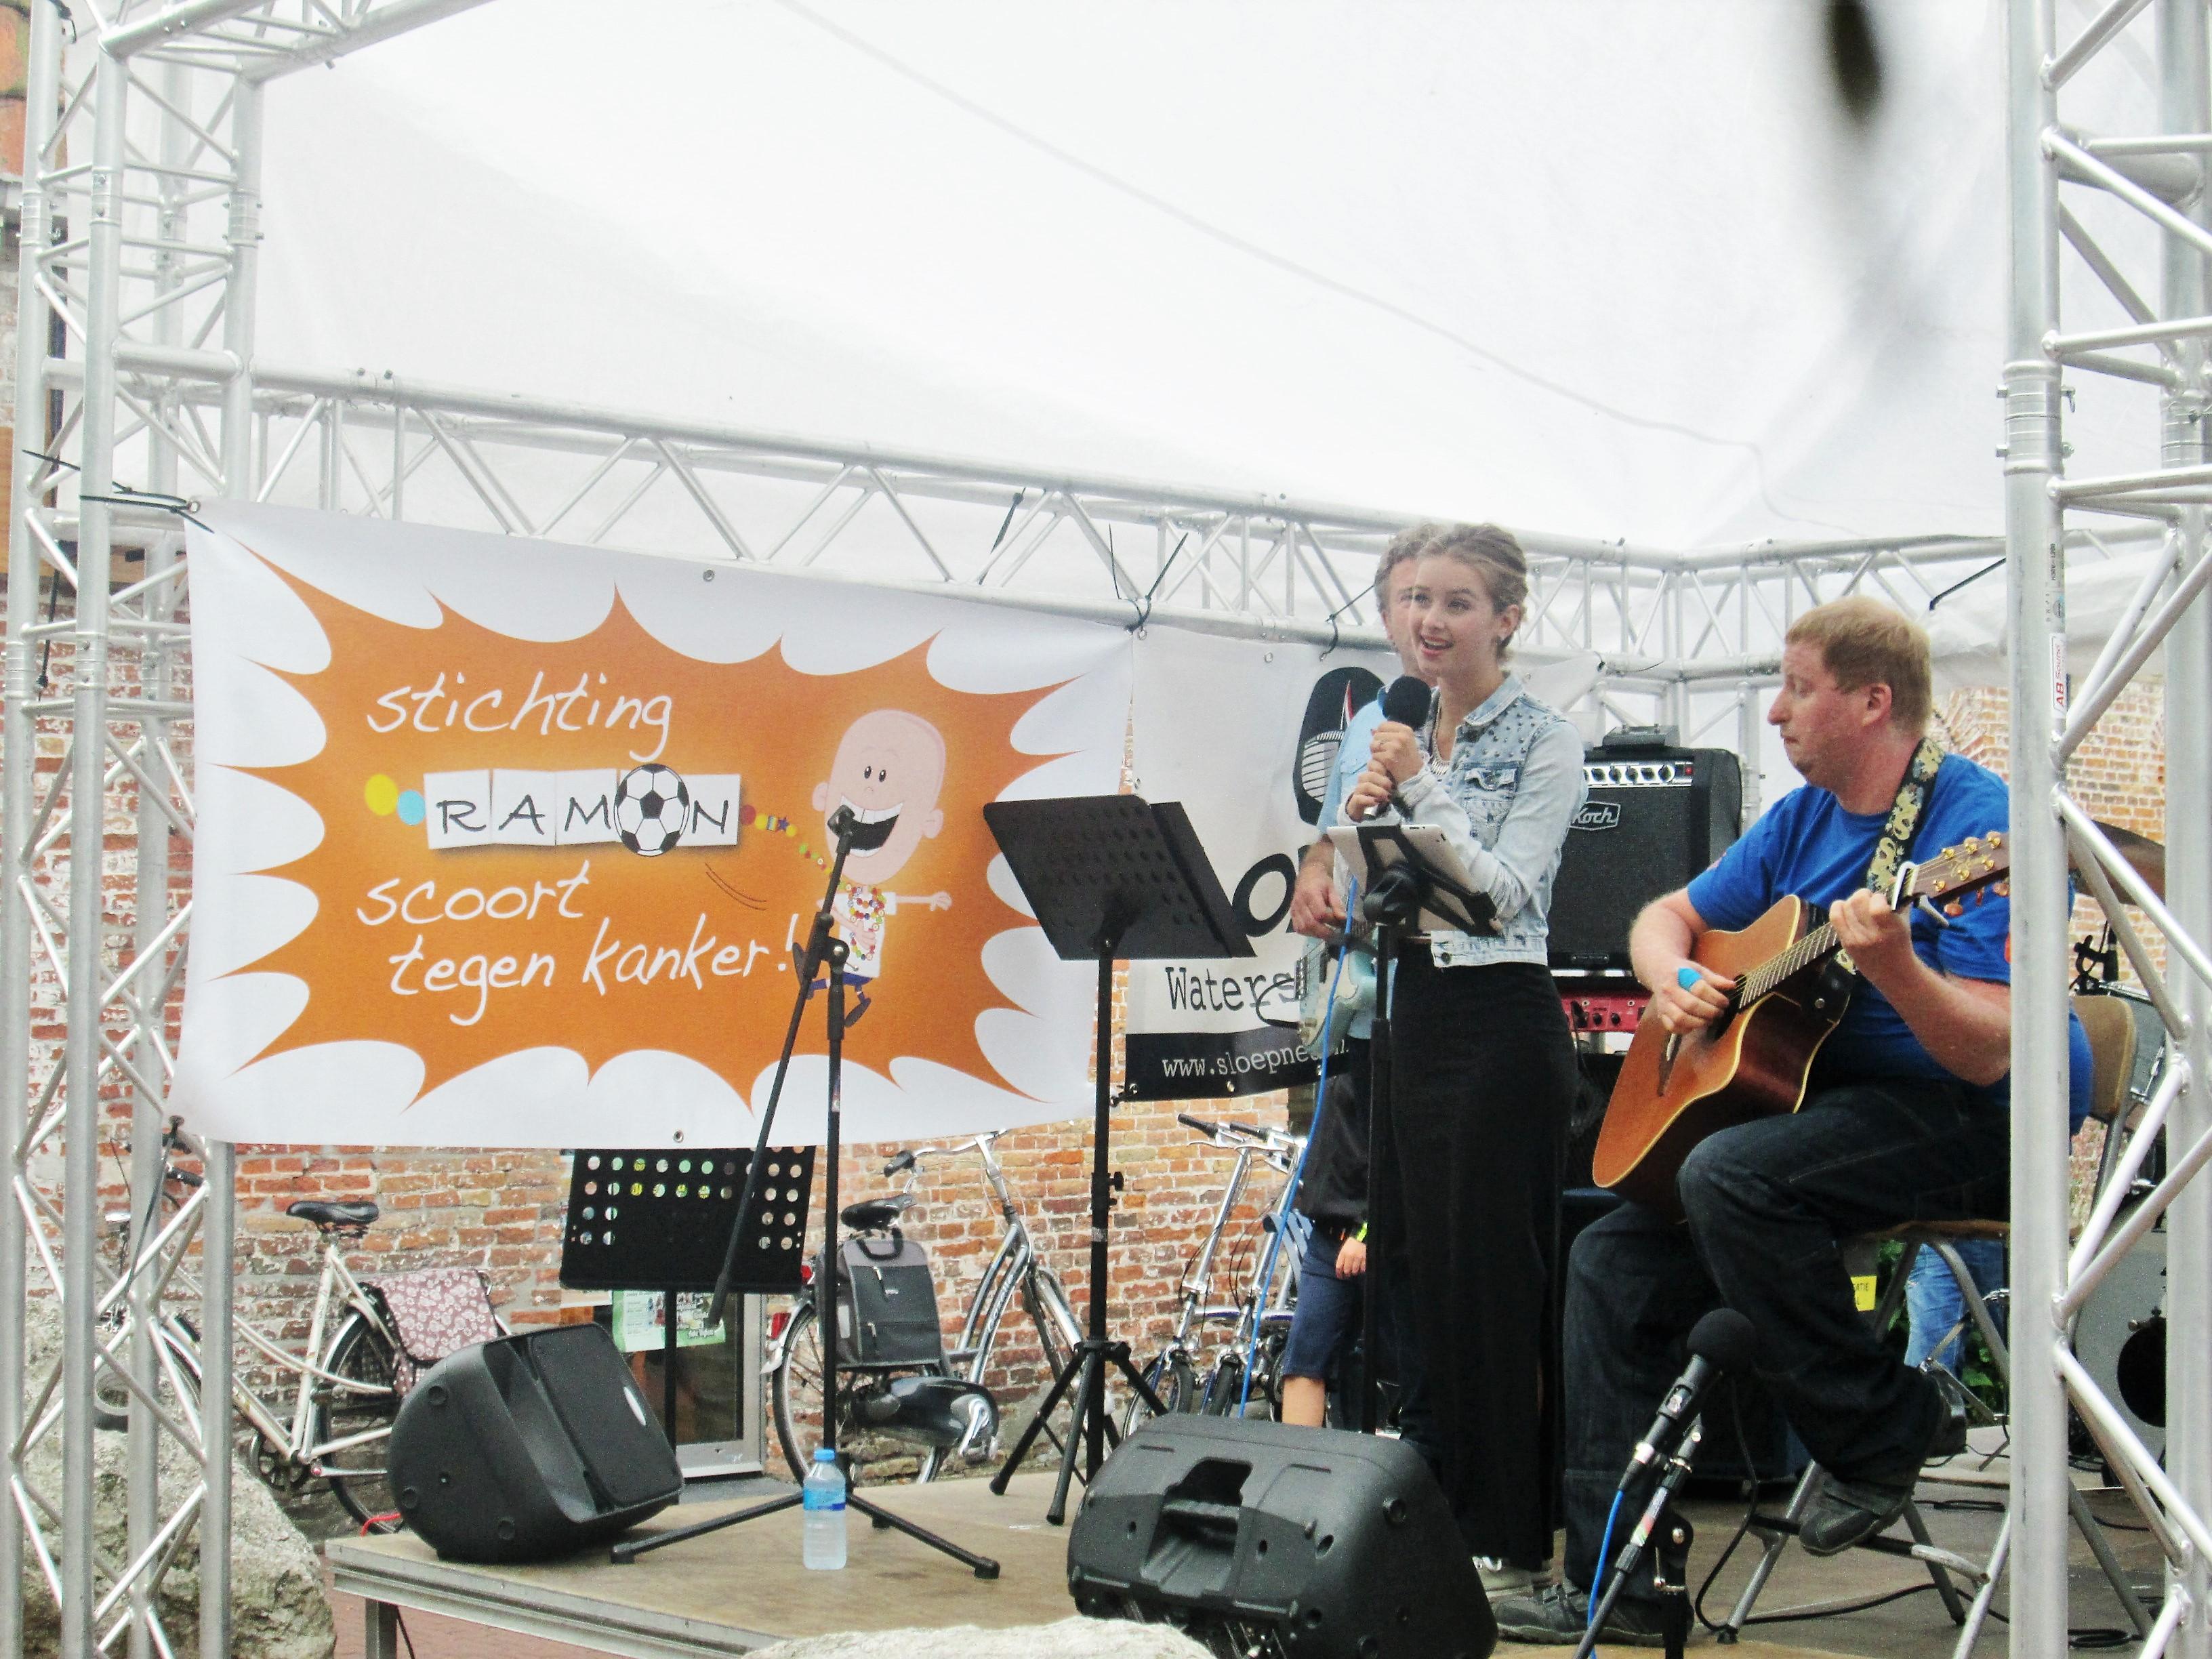 Ramon scoort tegen kanker Poppodium vrijmarkt Balk foto 24.jpg.JPG